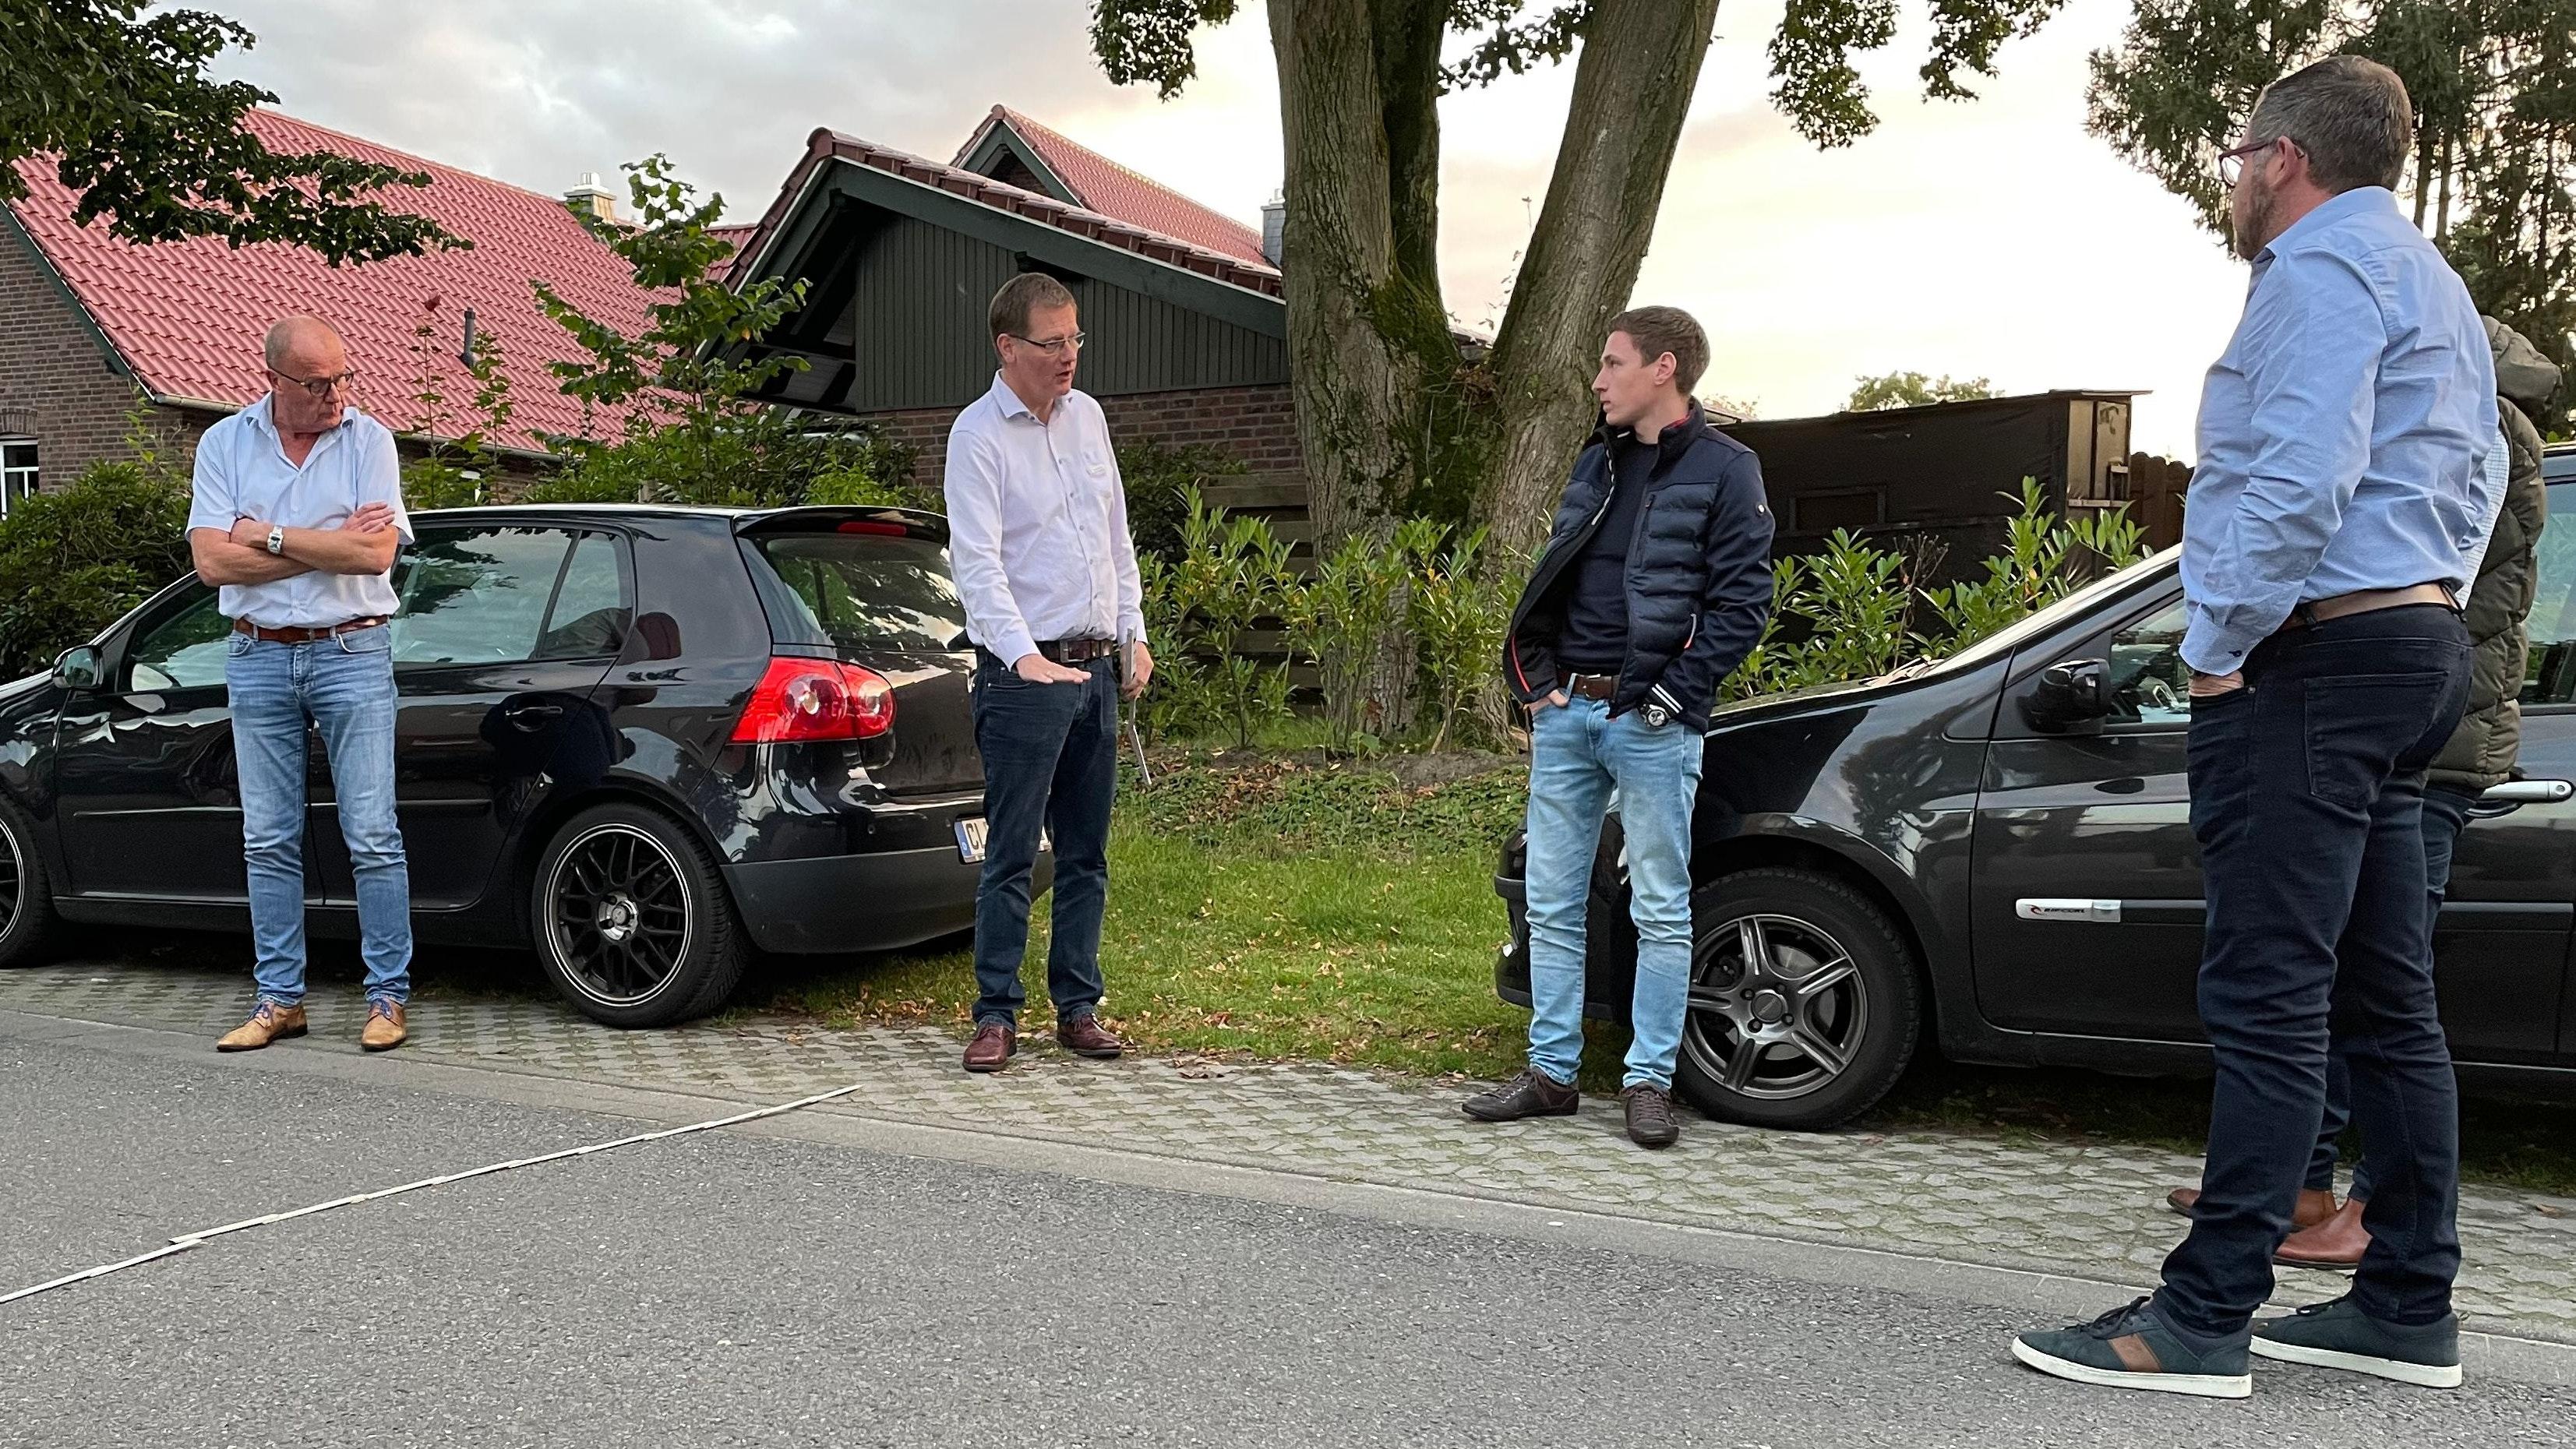 Verkehrsberuhigung: Bauamtsleiter Klaus Sandmann (2. von links) erläutert, wie Schweller im Bereich des Sportgeländes die Straße Cavens in Altenoythe sicherer machen können.  Foto: Stix